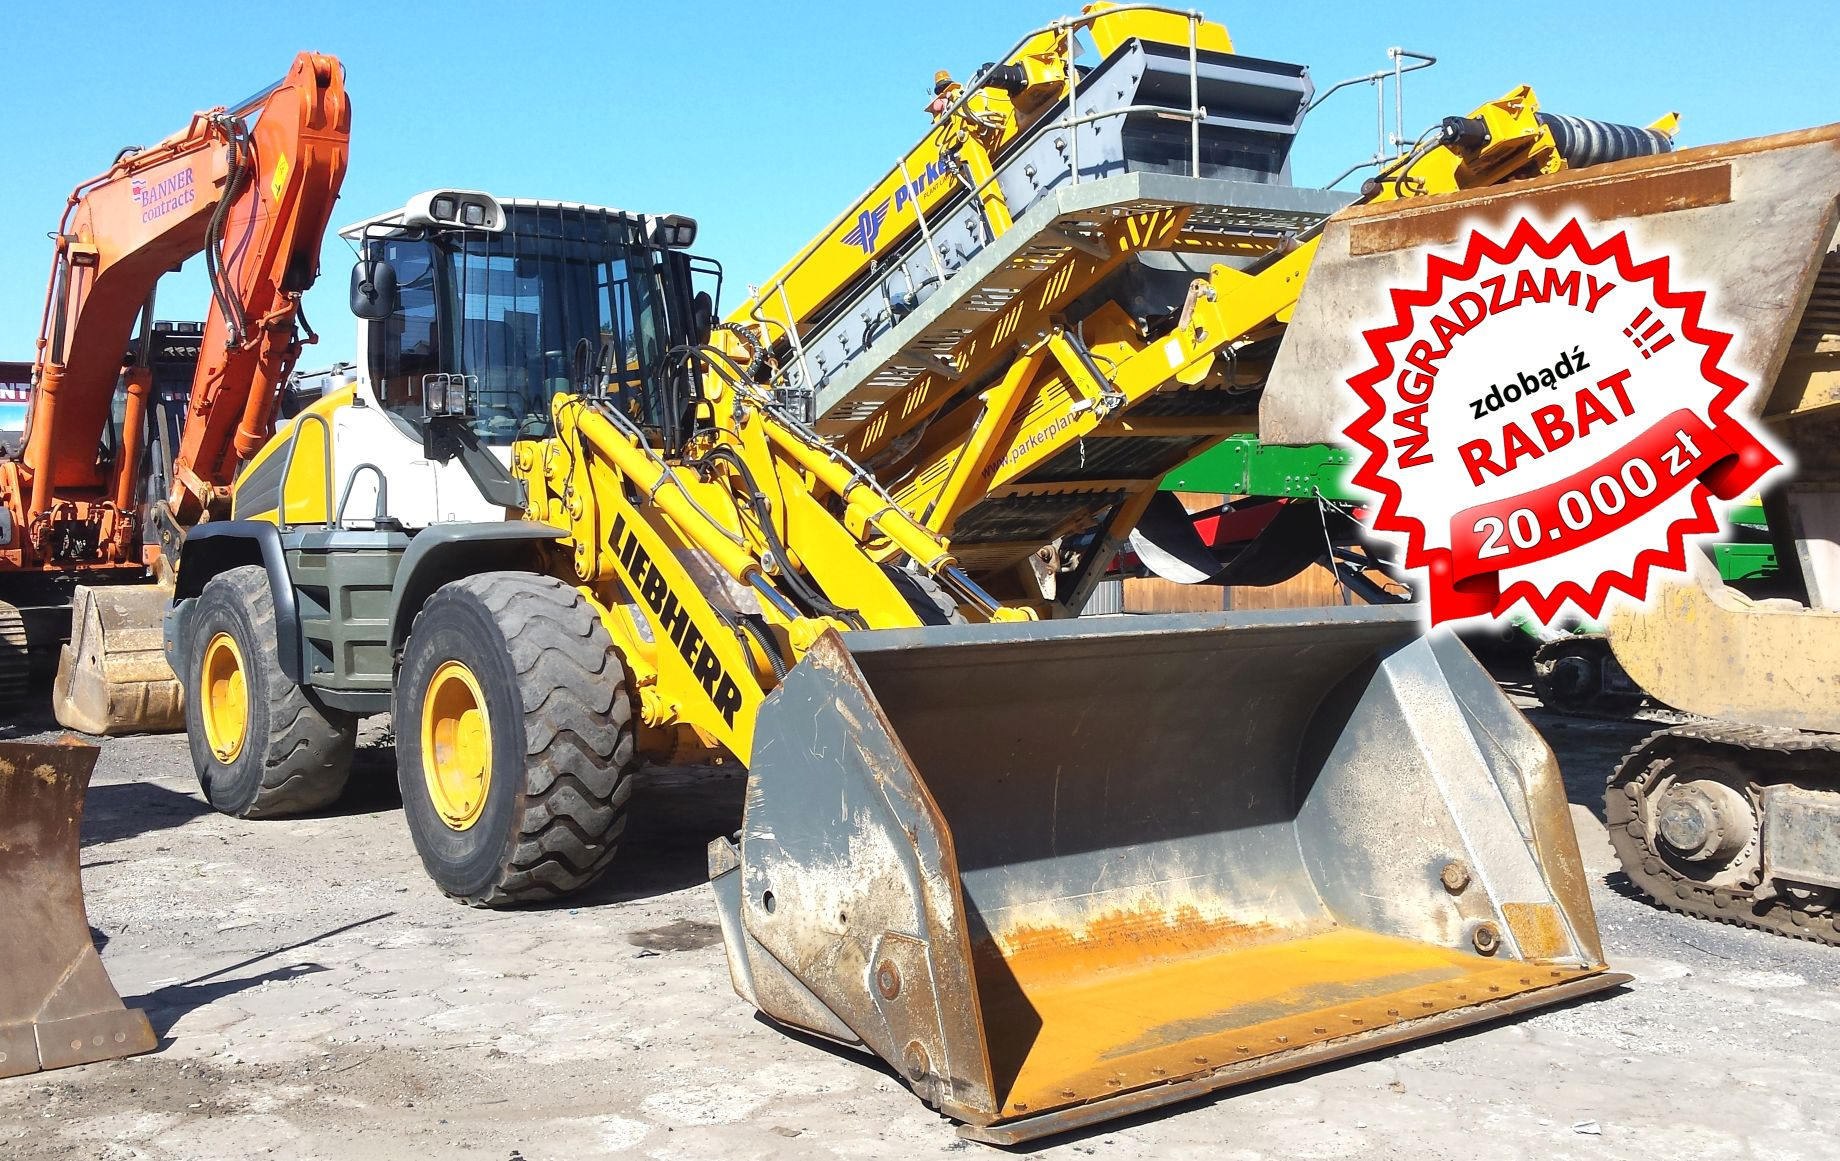 Mega rabaty dla TOPowych Klientów firmy oferującej światowej klasy maszyny budowlane!